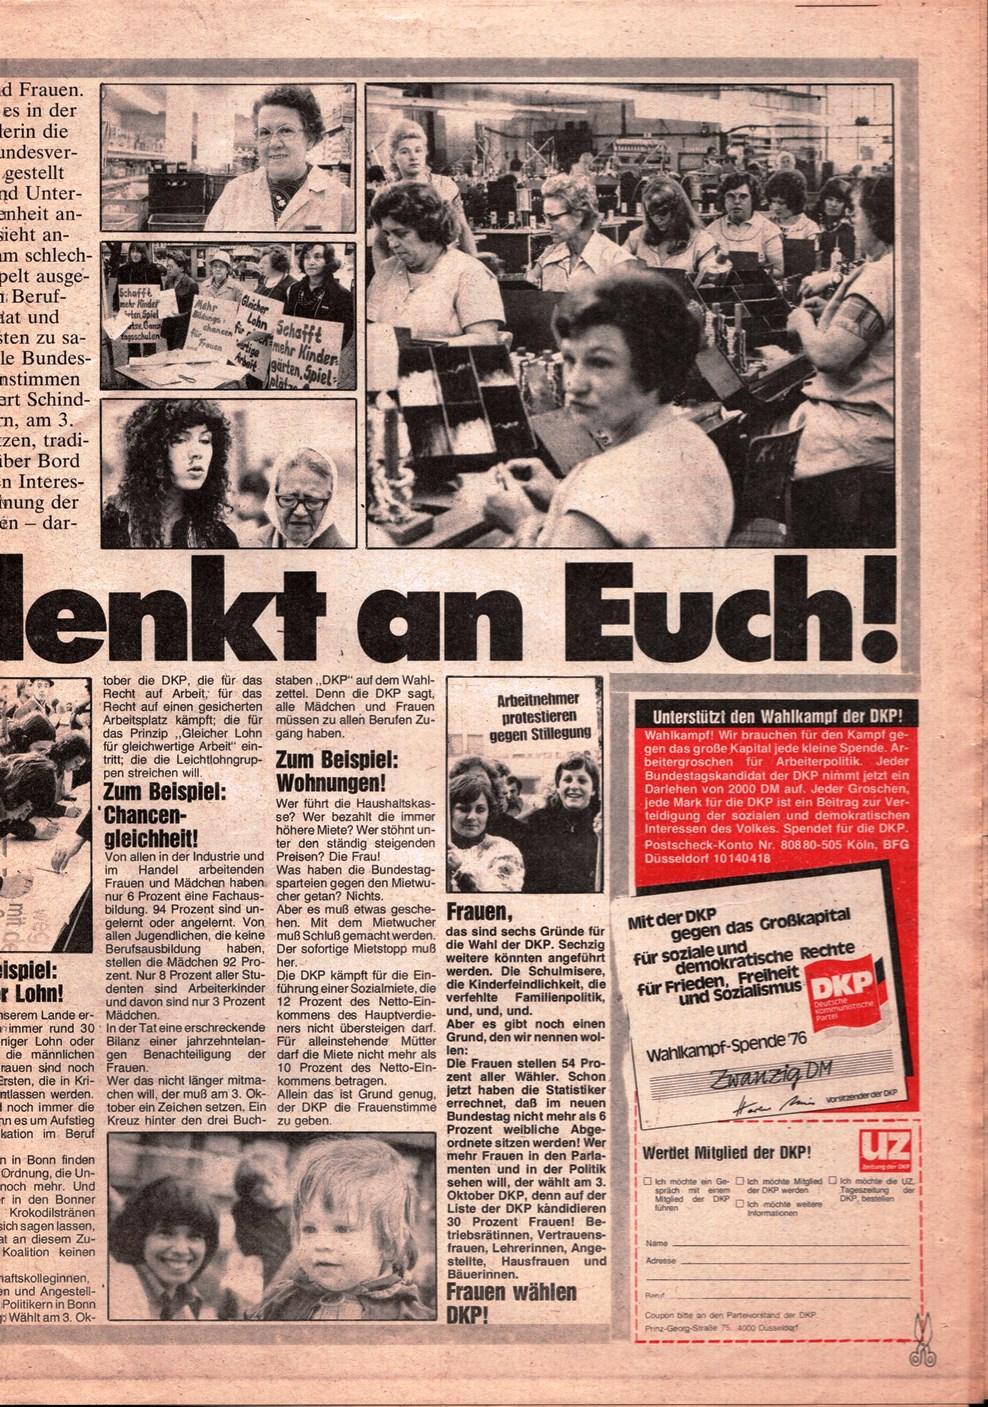 Muenchen_DKP_Neues_Muenchen_19760900_005